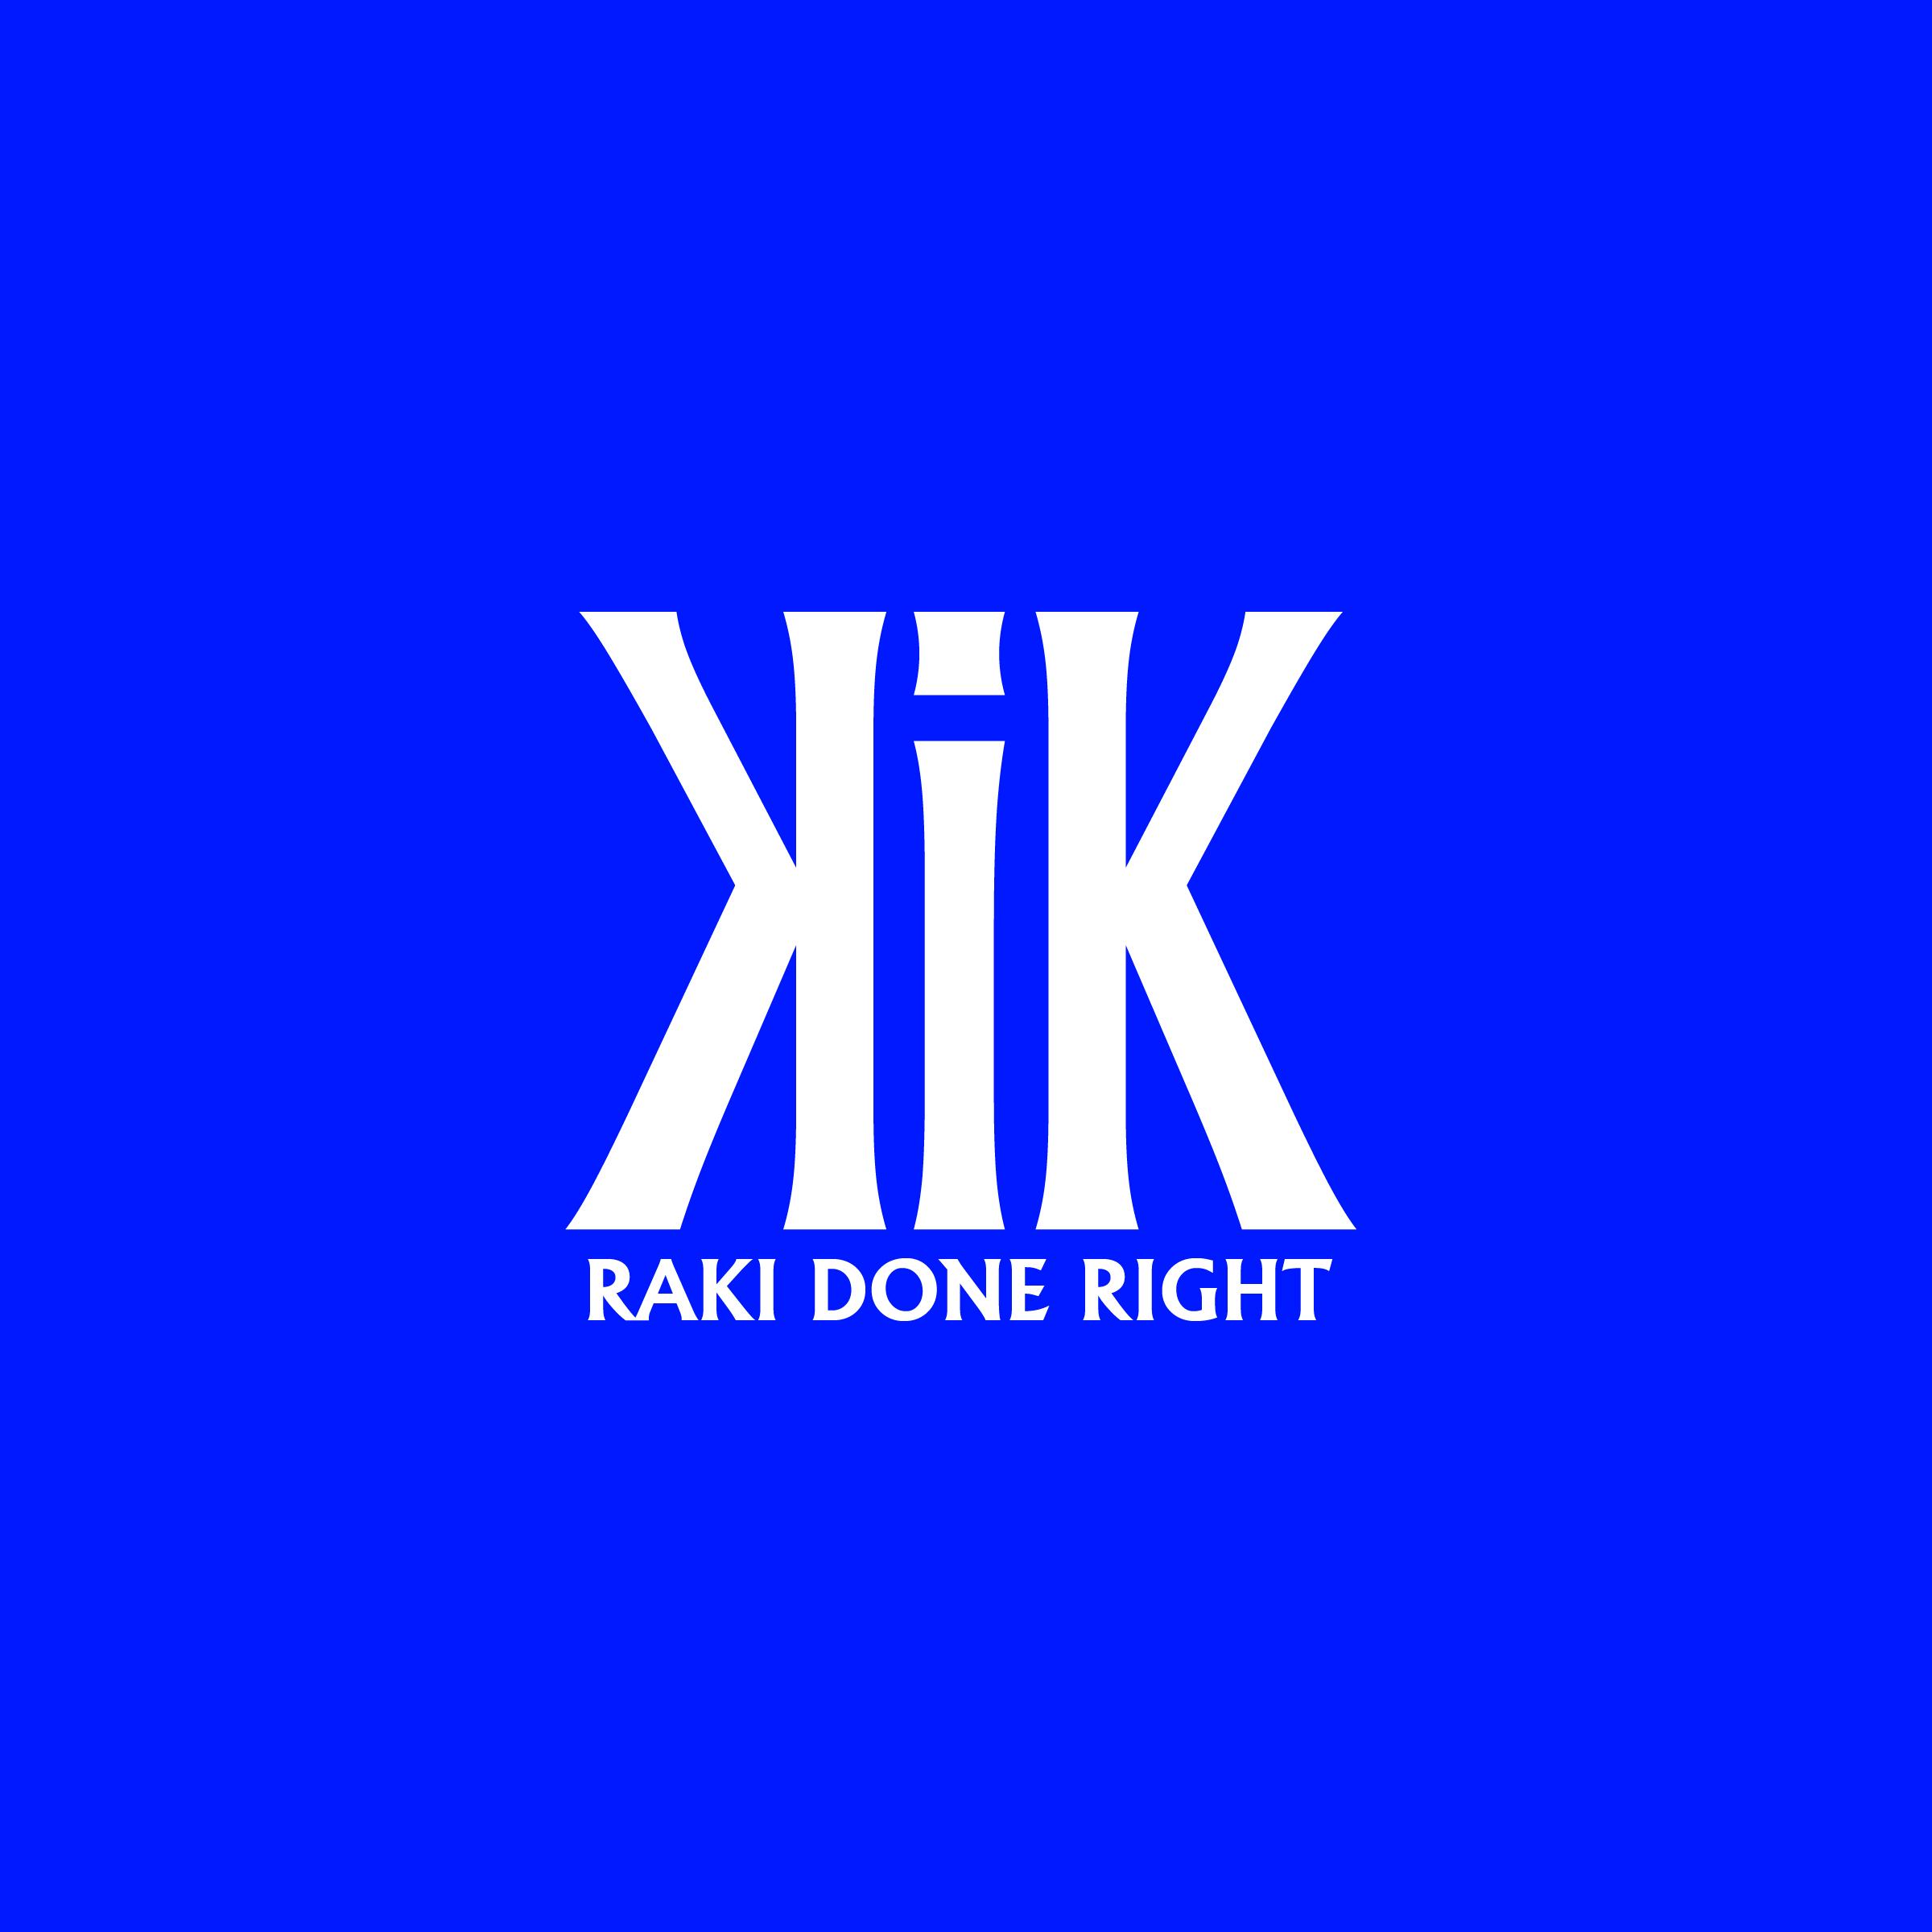 KiK_BrandBook-06